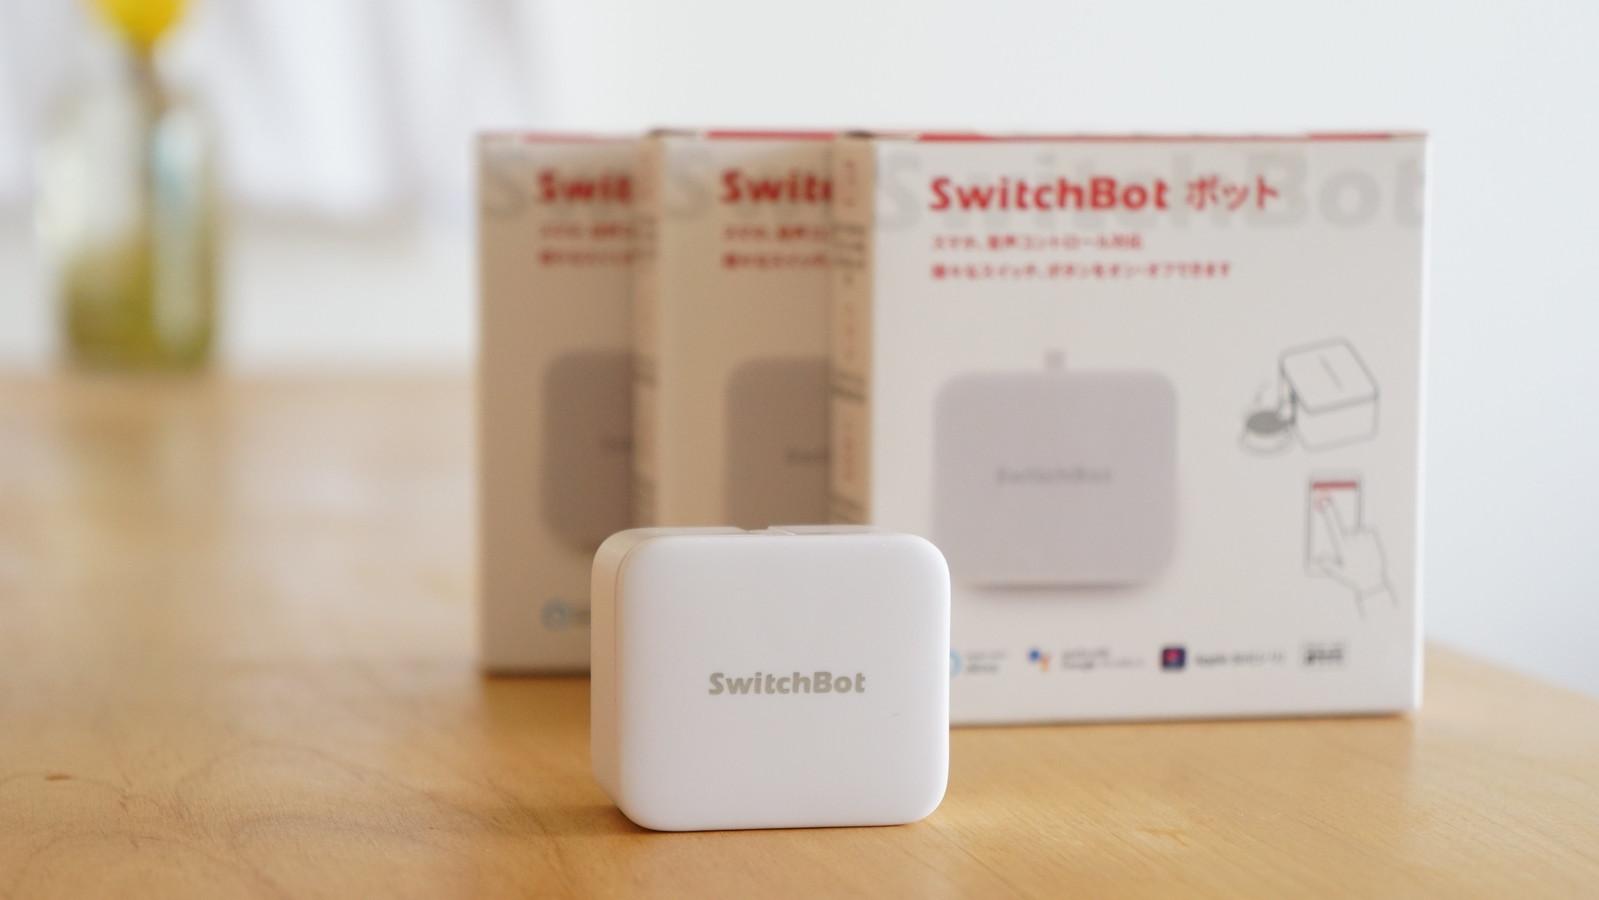 壁スイッチなど赤外線非対応の家電を操作できる「SwitchBotボット」レビュー